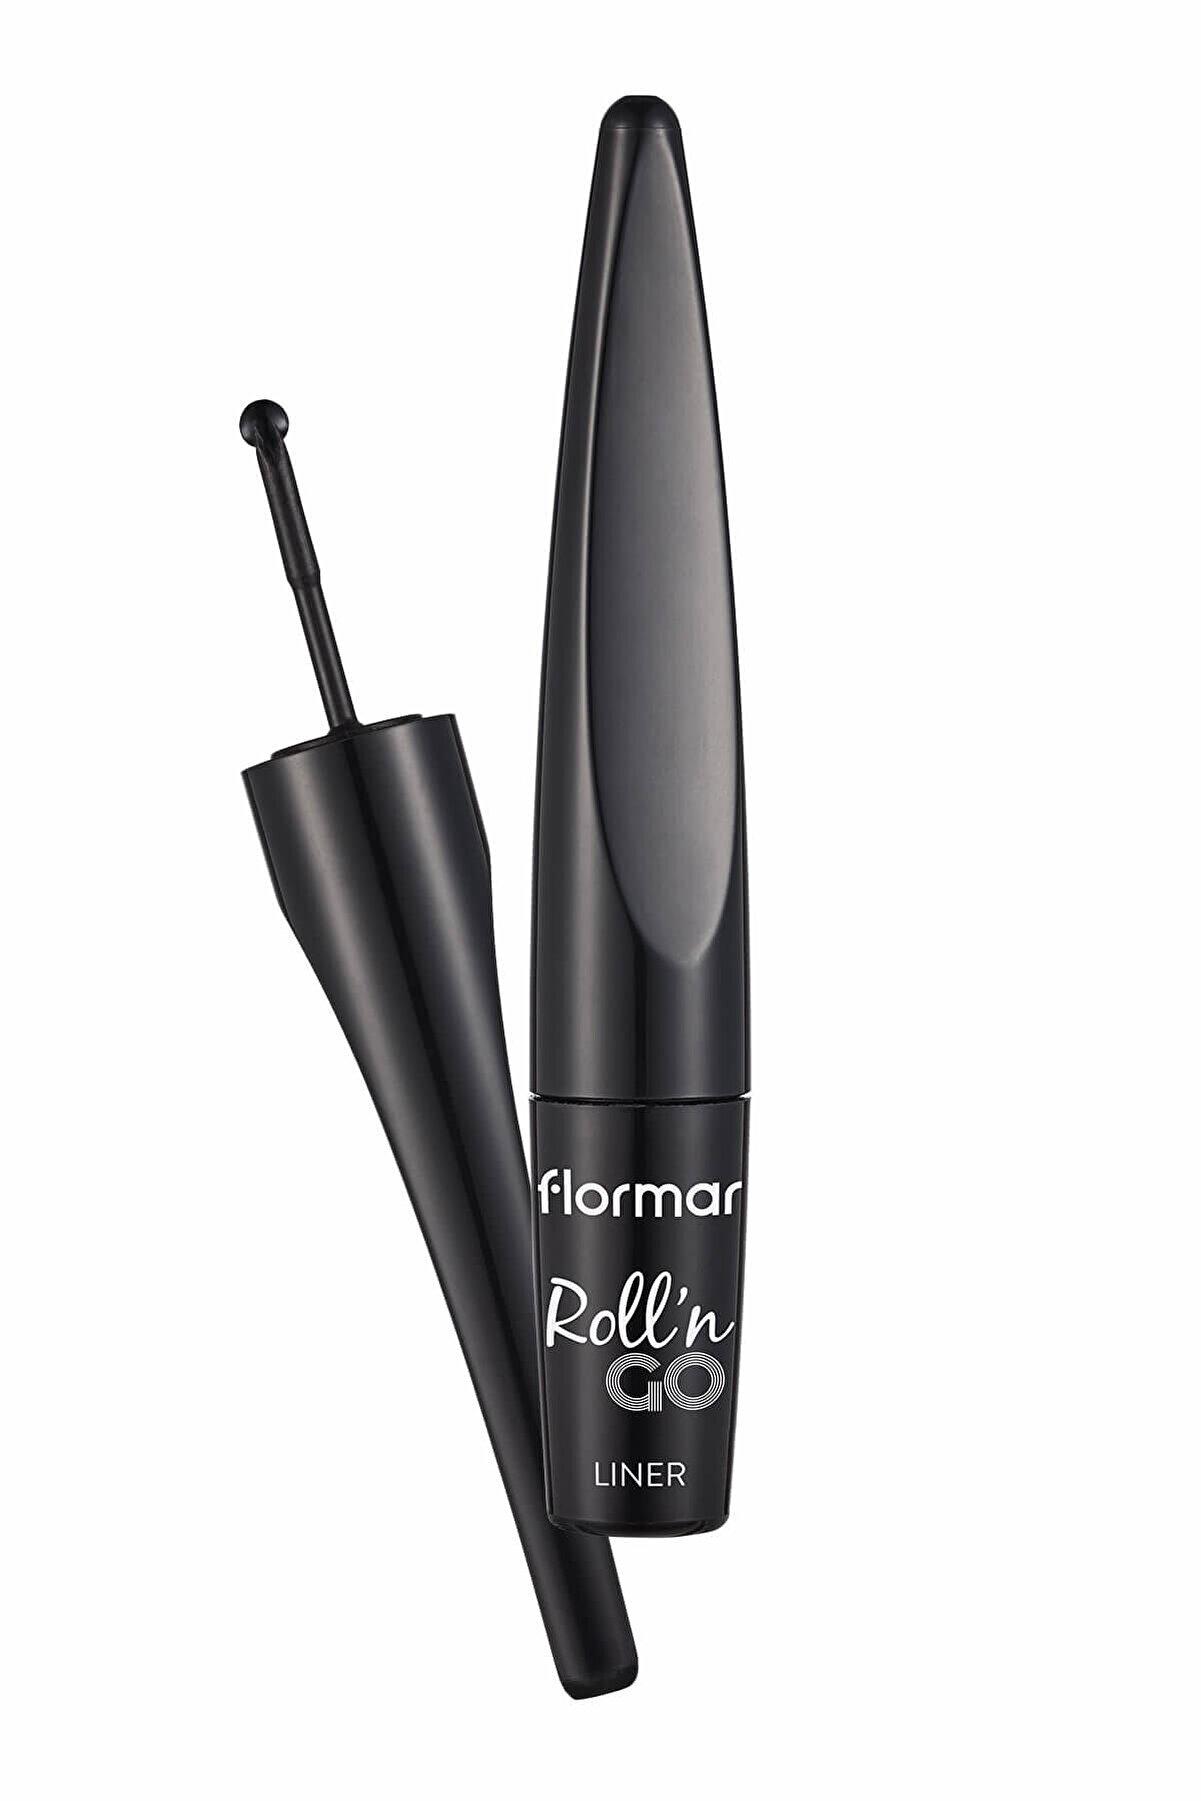 Flormar Disk Uçlu Eyeliner - Roll'n Go Liner Black 8690604545230